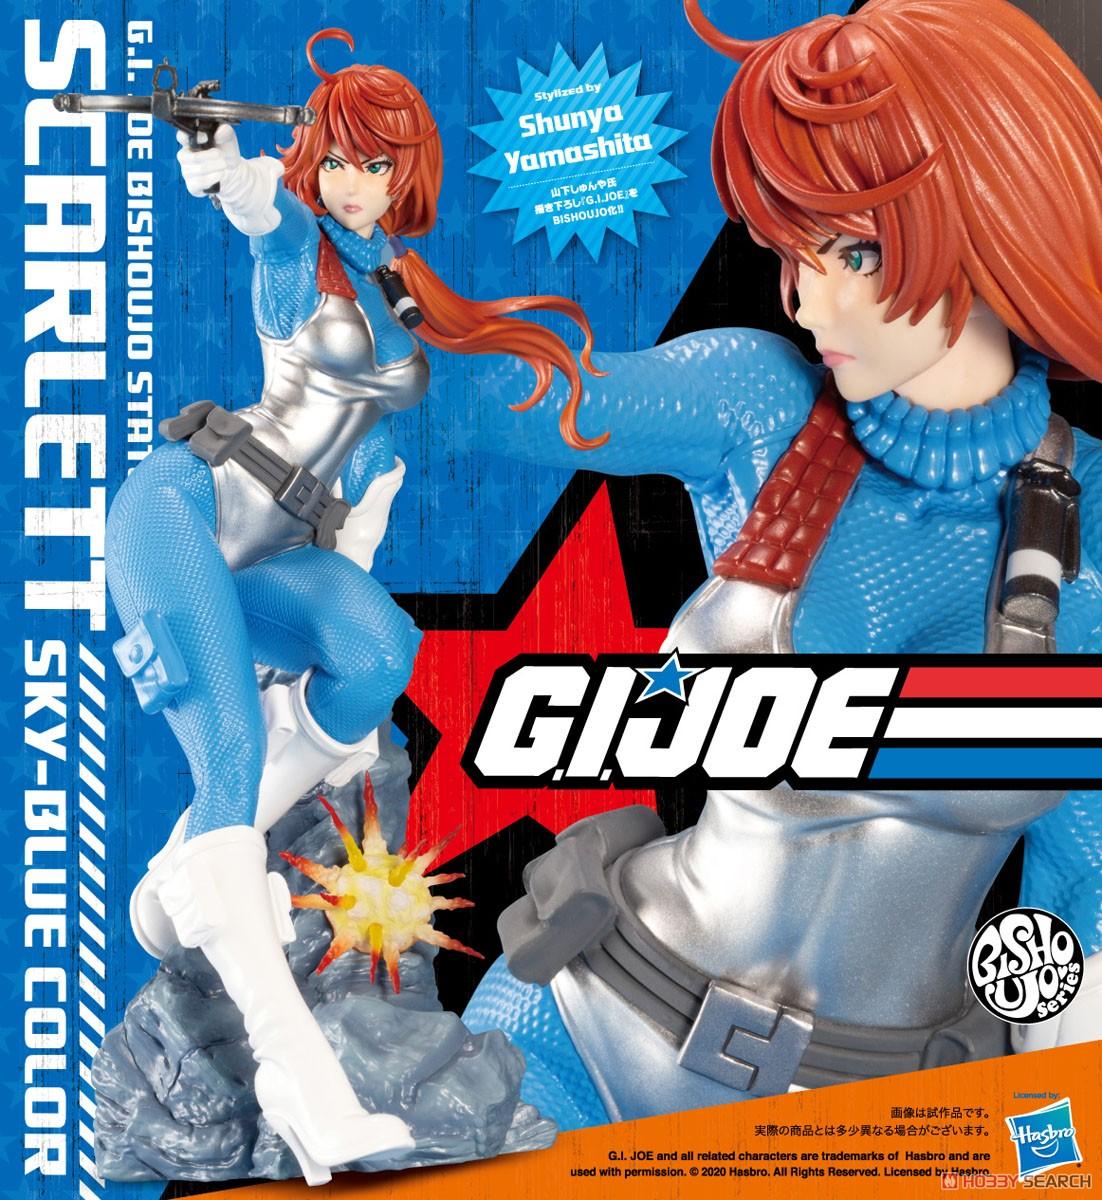 G.I. JOE美少女『スカーレット スカイブルー 限定版』G.I.ジョー 1/7 完成品フィギュア-013